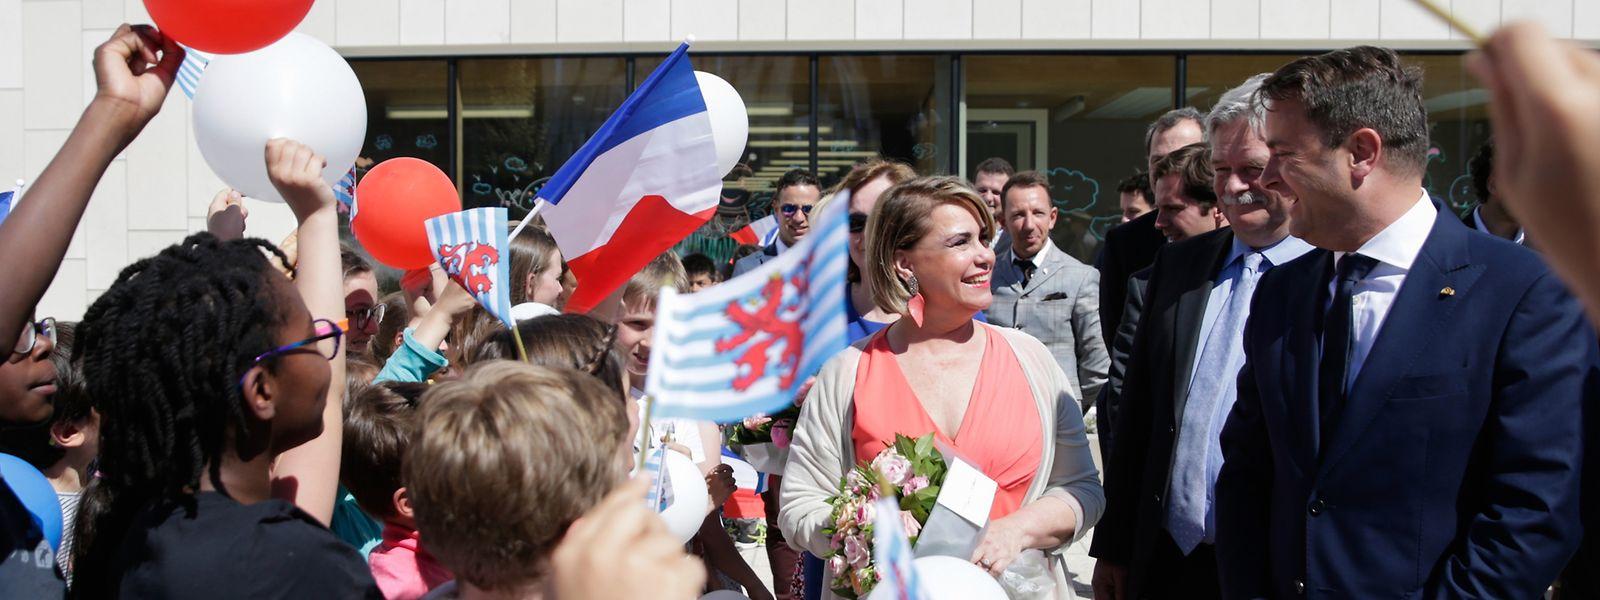 La grande-duchesse Maria-Teresa, le Premier ministre Xavier Bettel, et la ministre du gouvernement français auprès du ministre de l'Europe et des Affaires étrangères, chargée des Affaires européennes, Nathalie Loiseau, accueillis sur le parvis de l'école primaire.